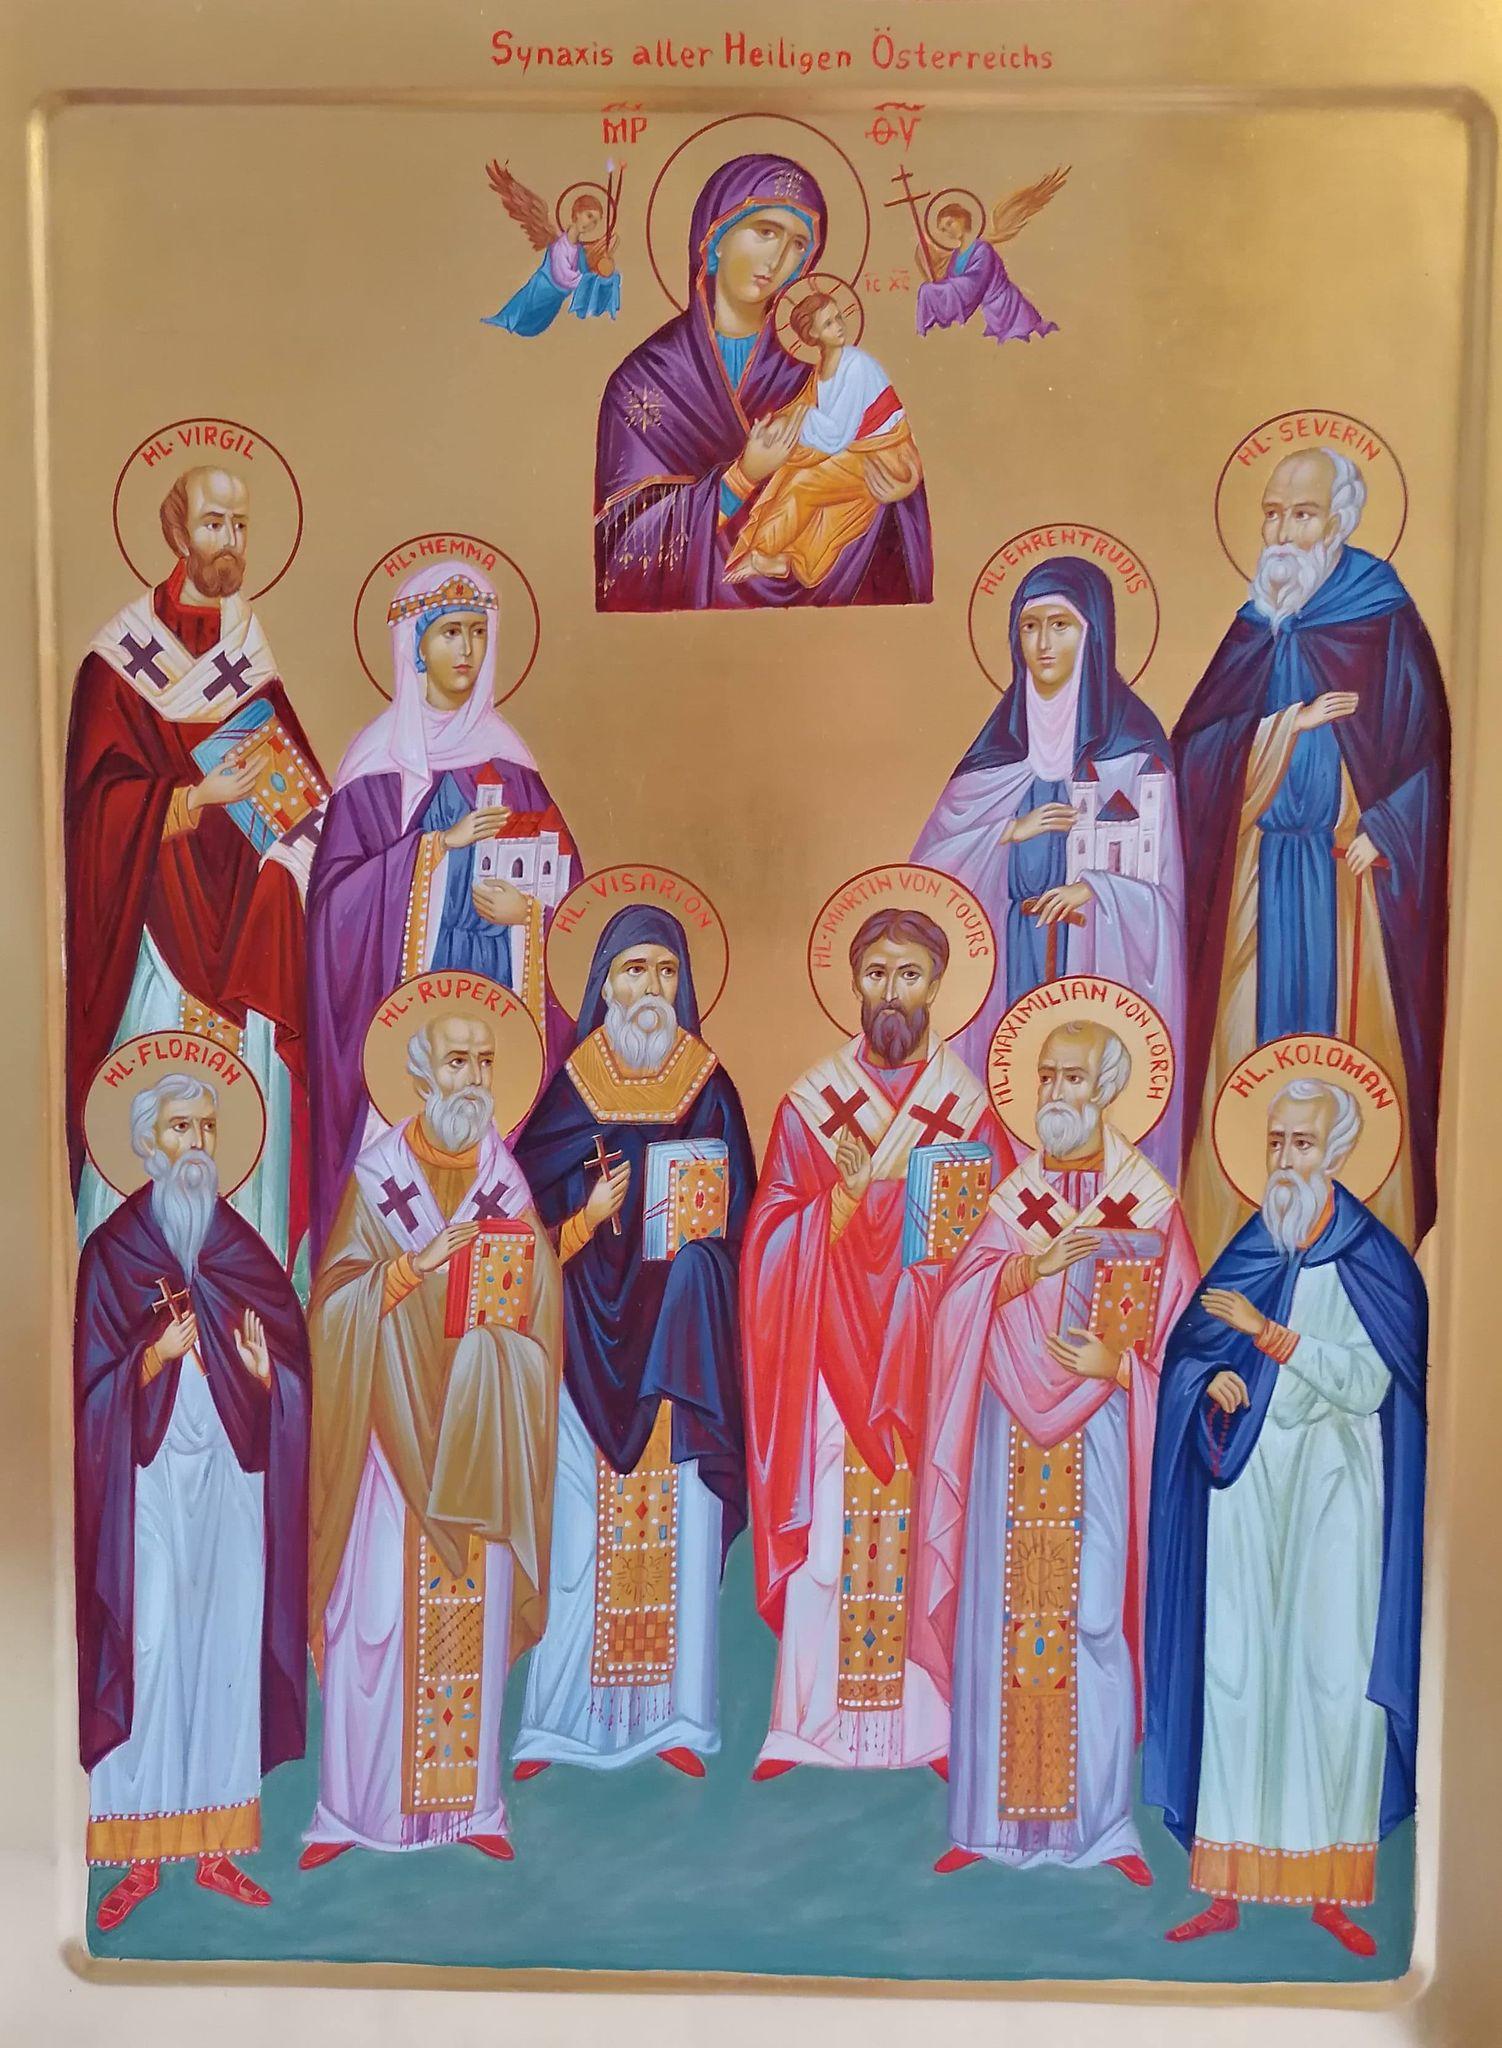 Ikone der Synaxis der Heiligen Österreichs